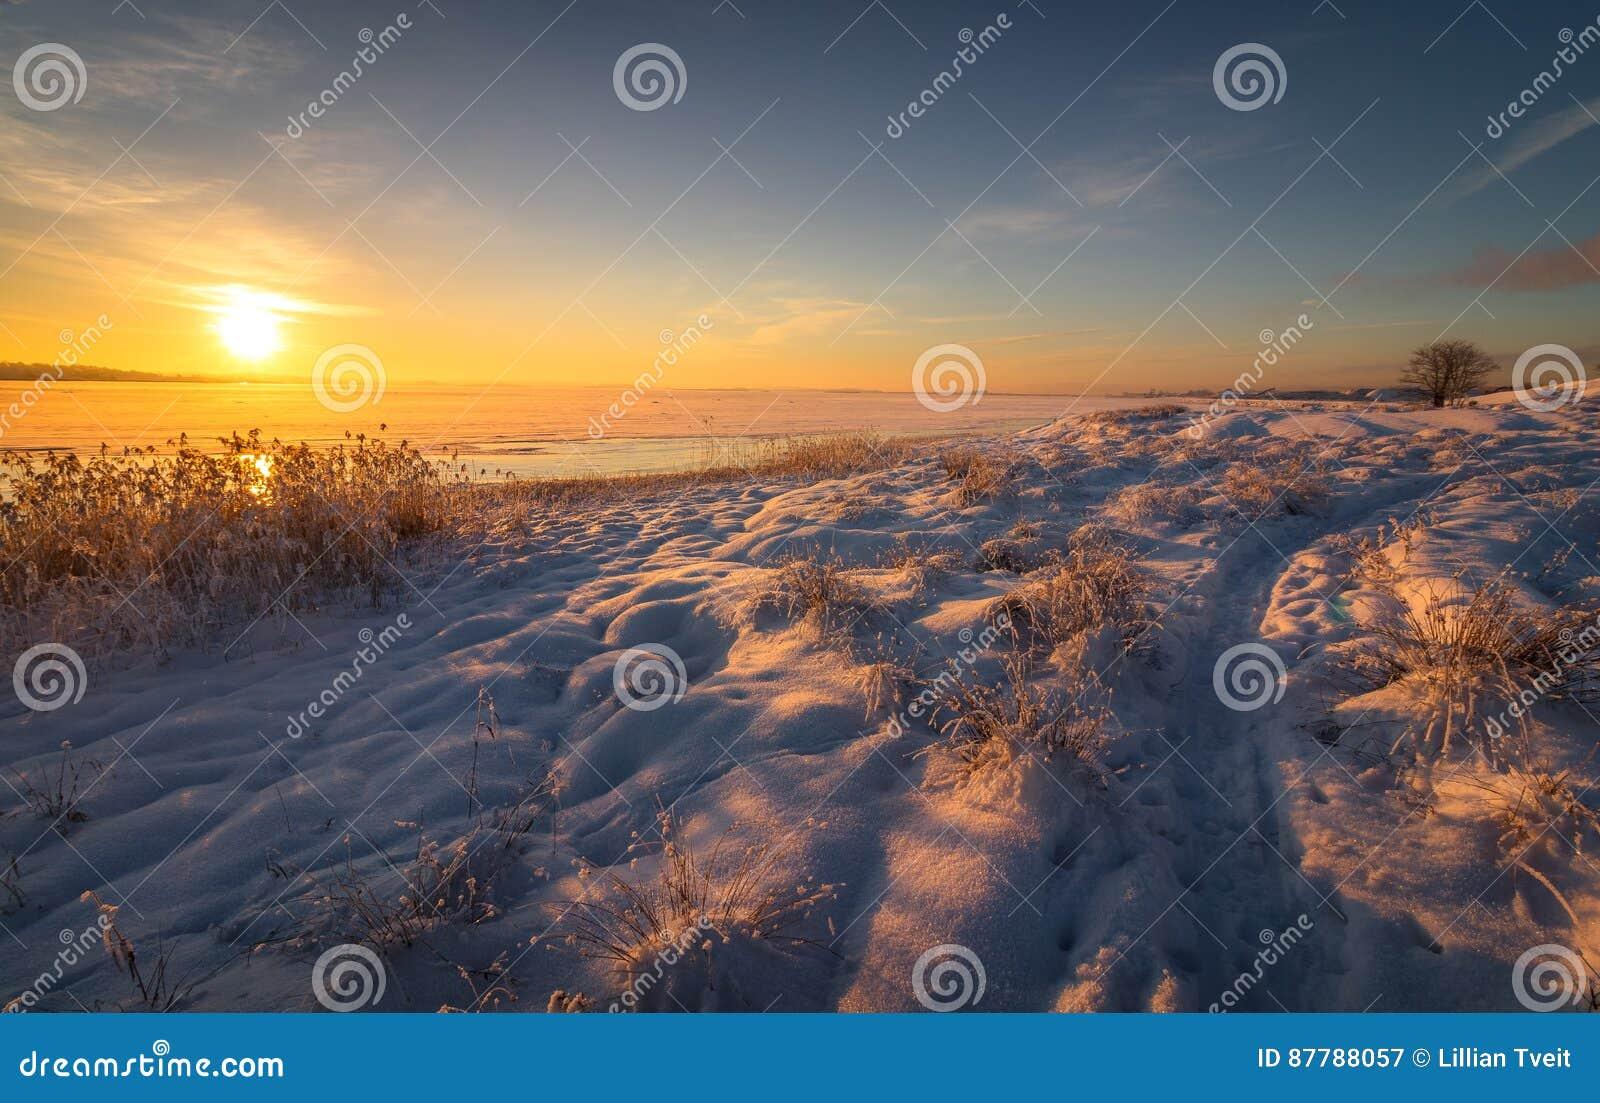 Χειμερινό τοπίο με το χιόνι, ωκεανός, θάλασσα, μπλε ουρανός, δρόμος, ηλιοφάνεια, πάγος